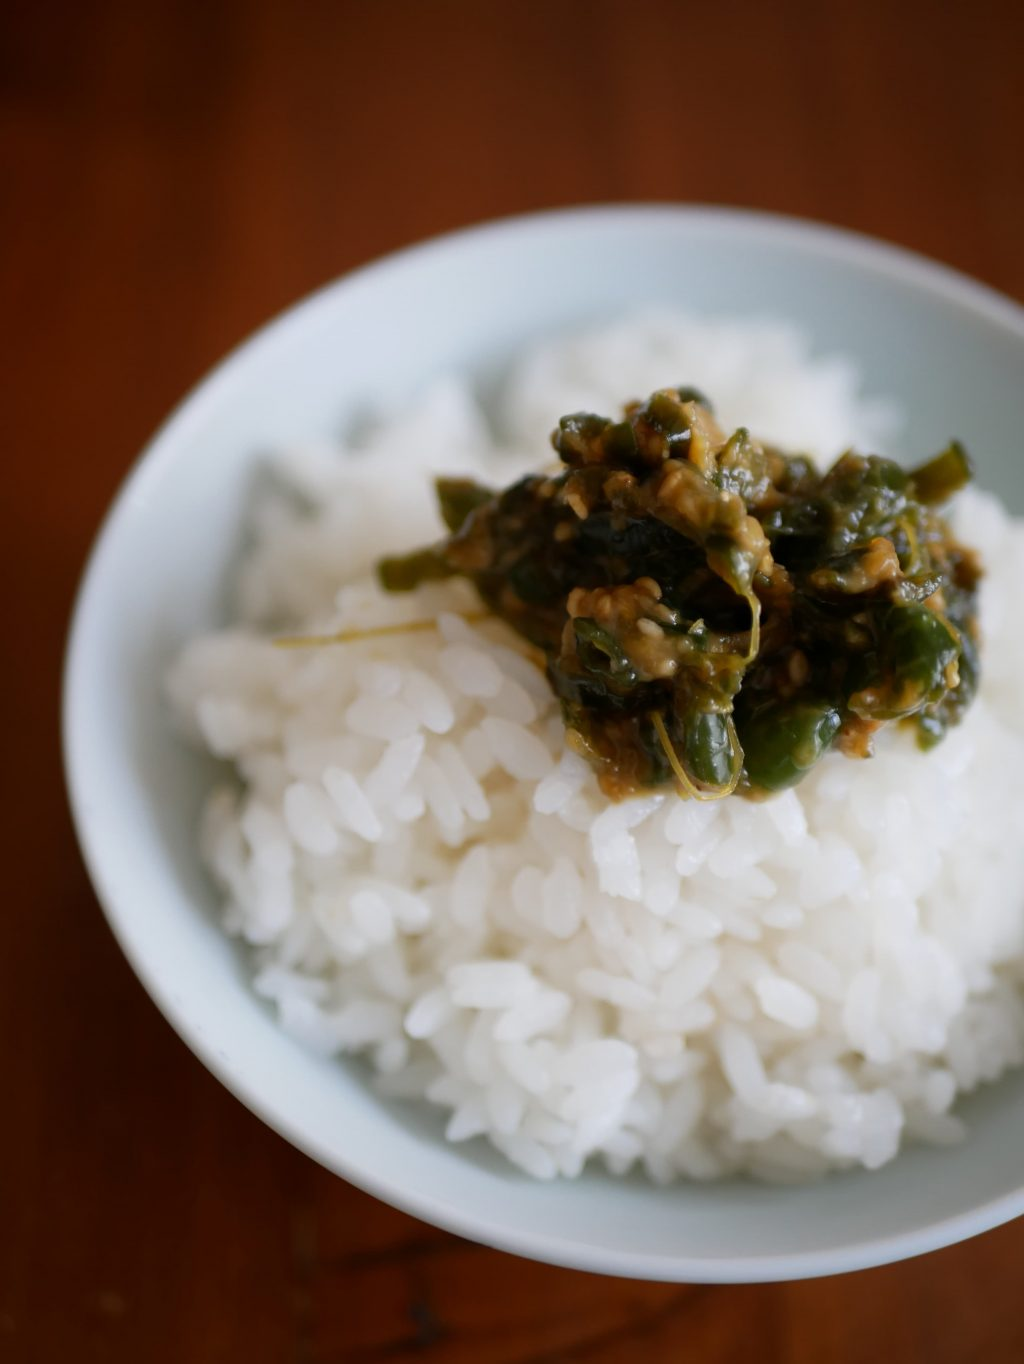 ご飯に合う!夏の便利な作り置き「ピーマン味噌」